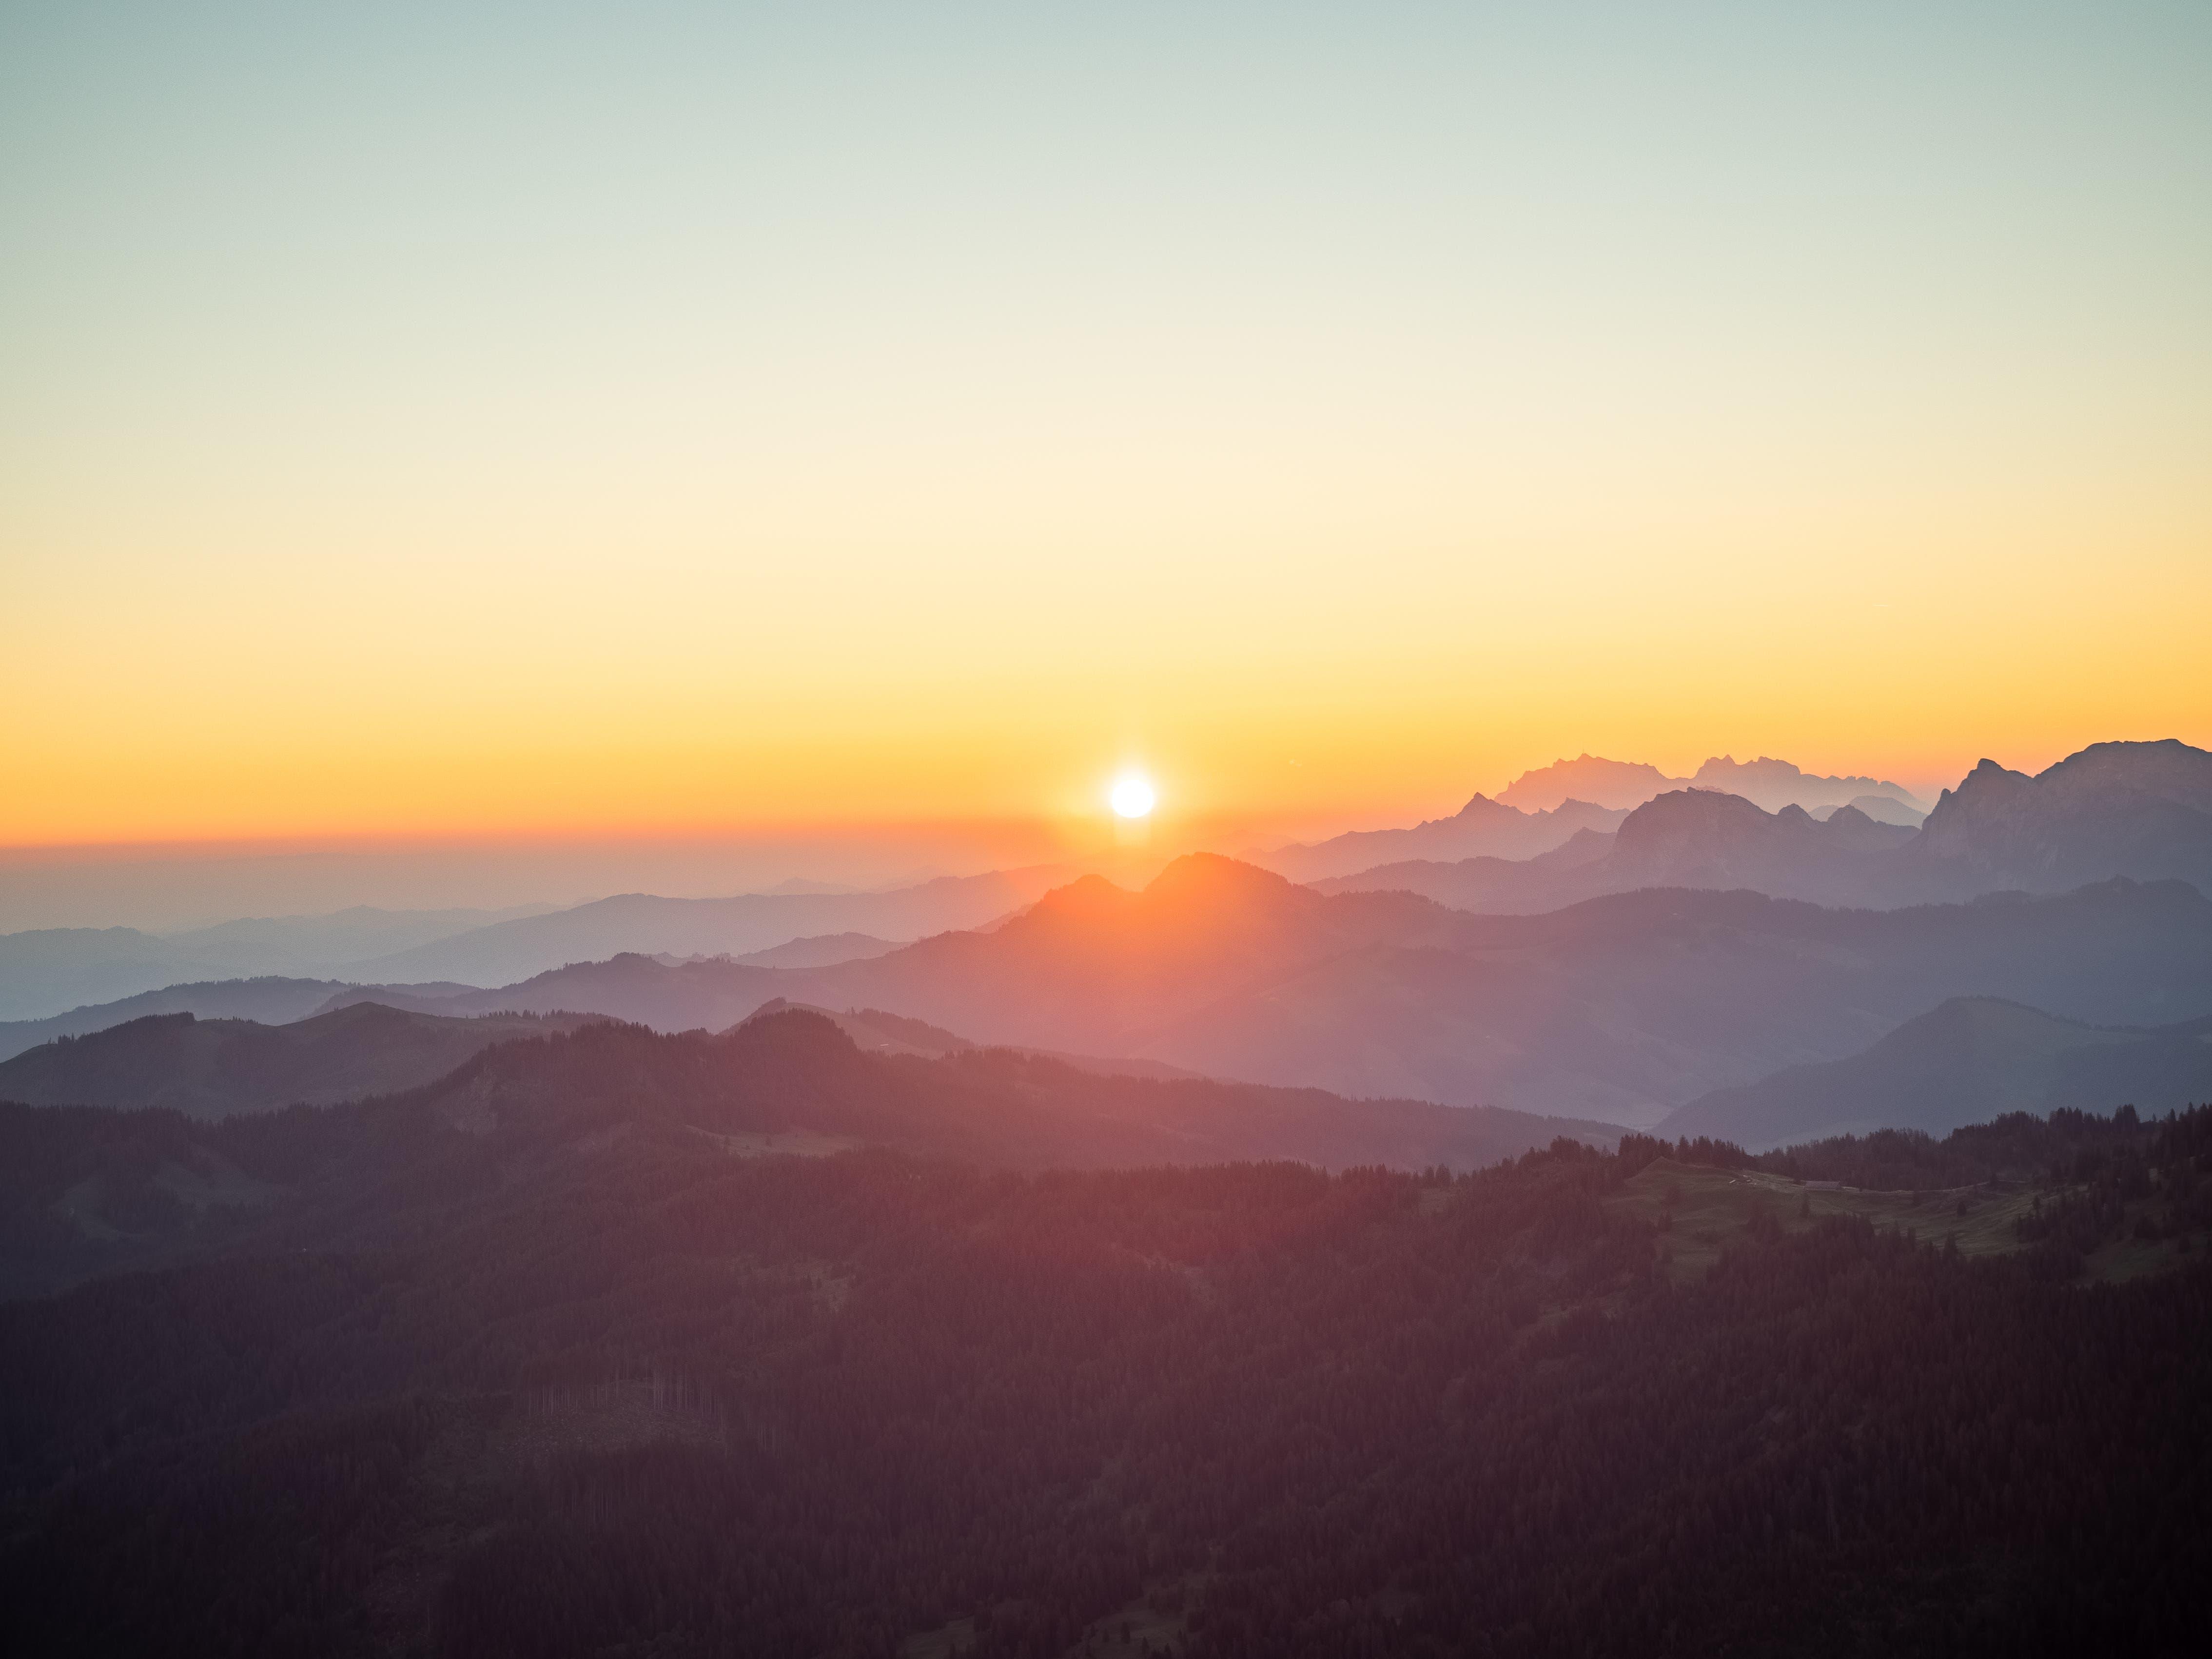 Sonnenaufgang auf dem Grossen Mythen.